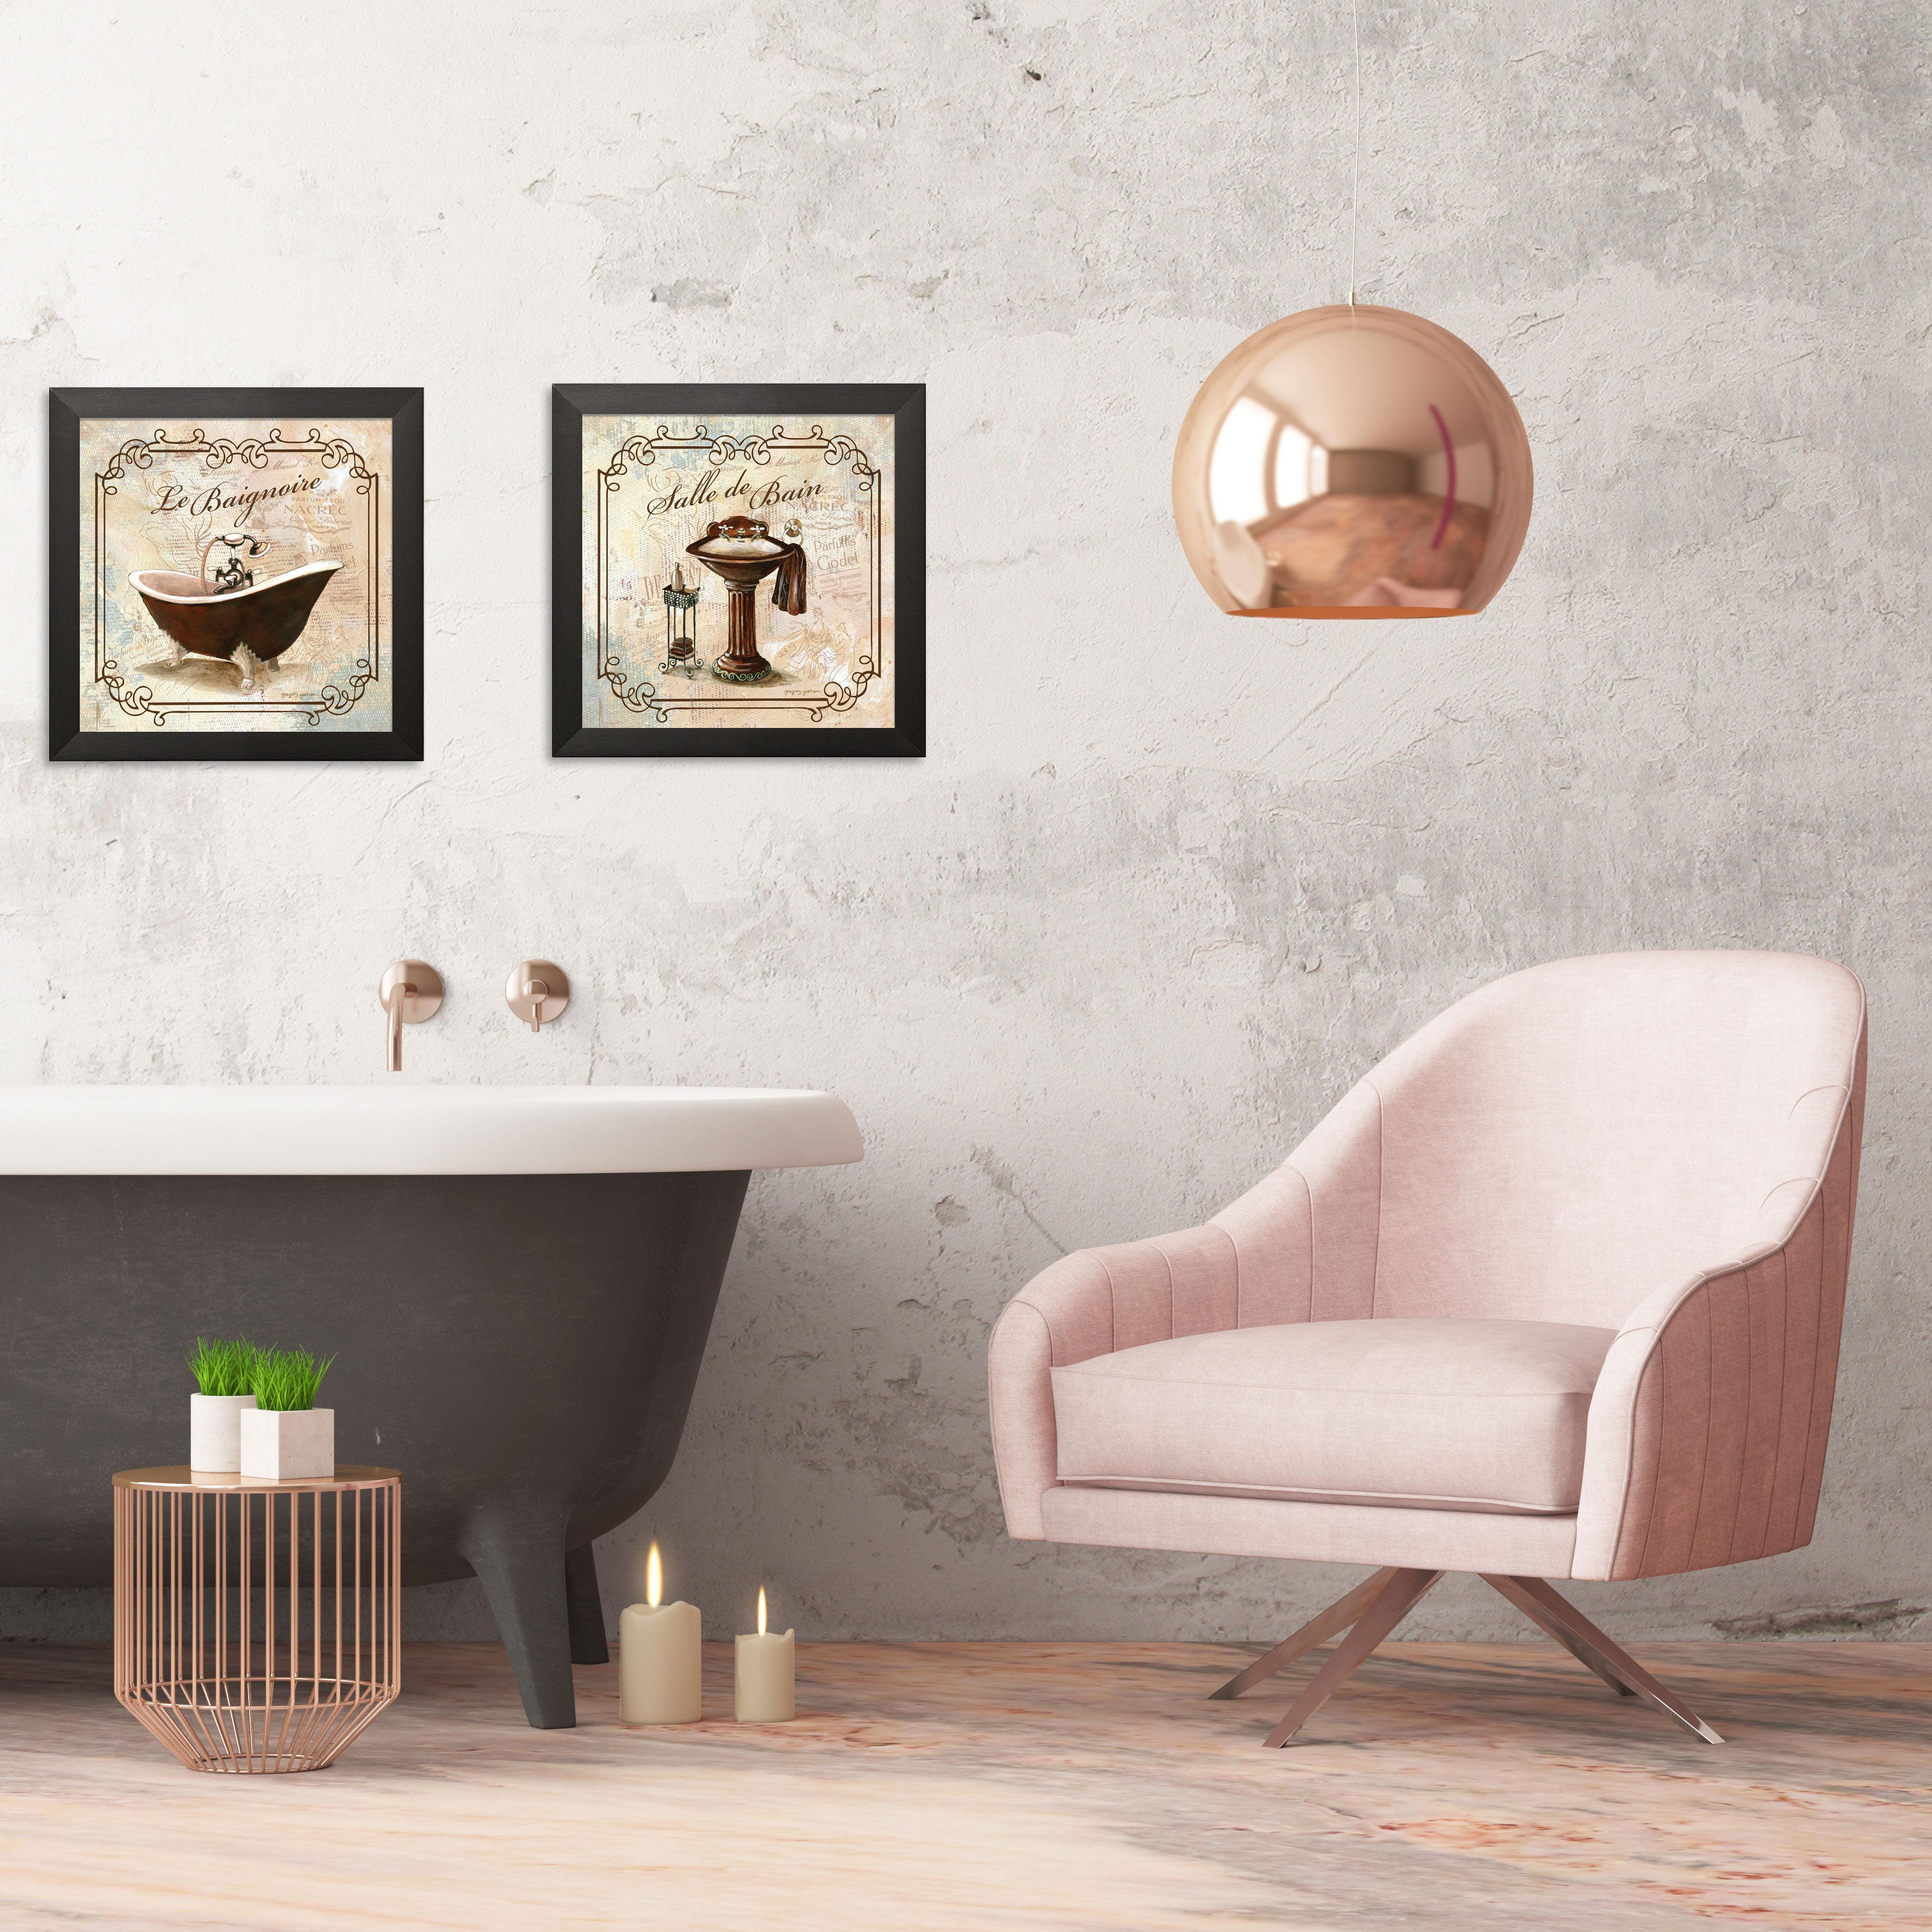 Gango Home Decor Elegant French Bathroom Wall Art Two Off